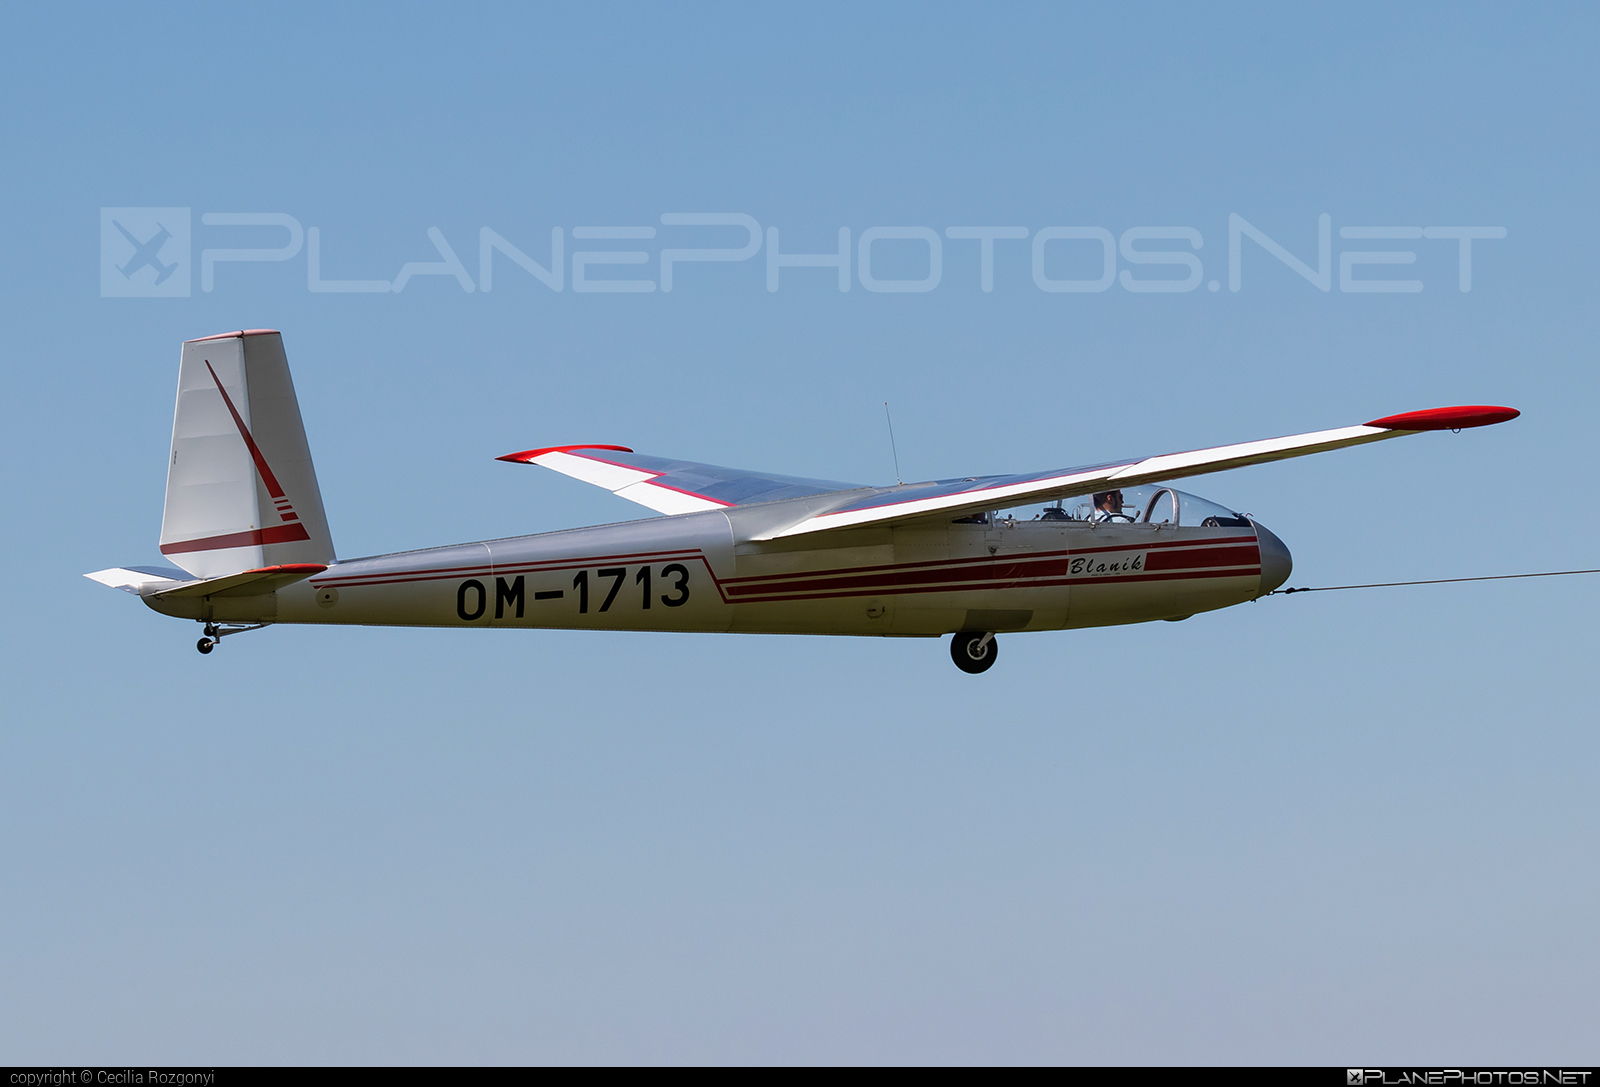 Let L-13A Blaník - OM-1713 operated by Slovenský národný aeroklub (Slovak National Aeroclub) #let